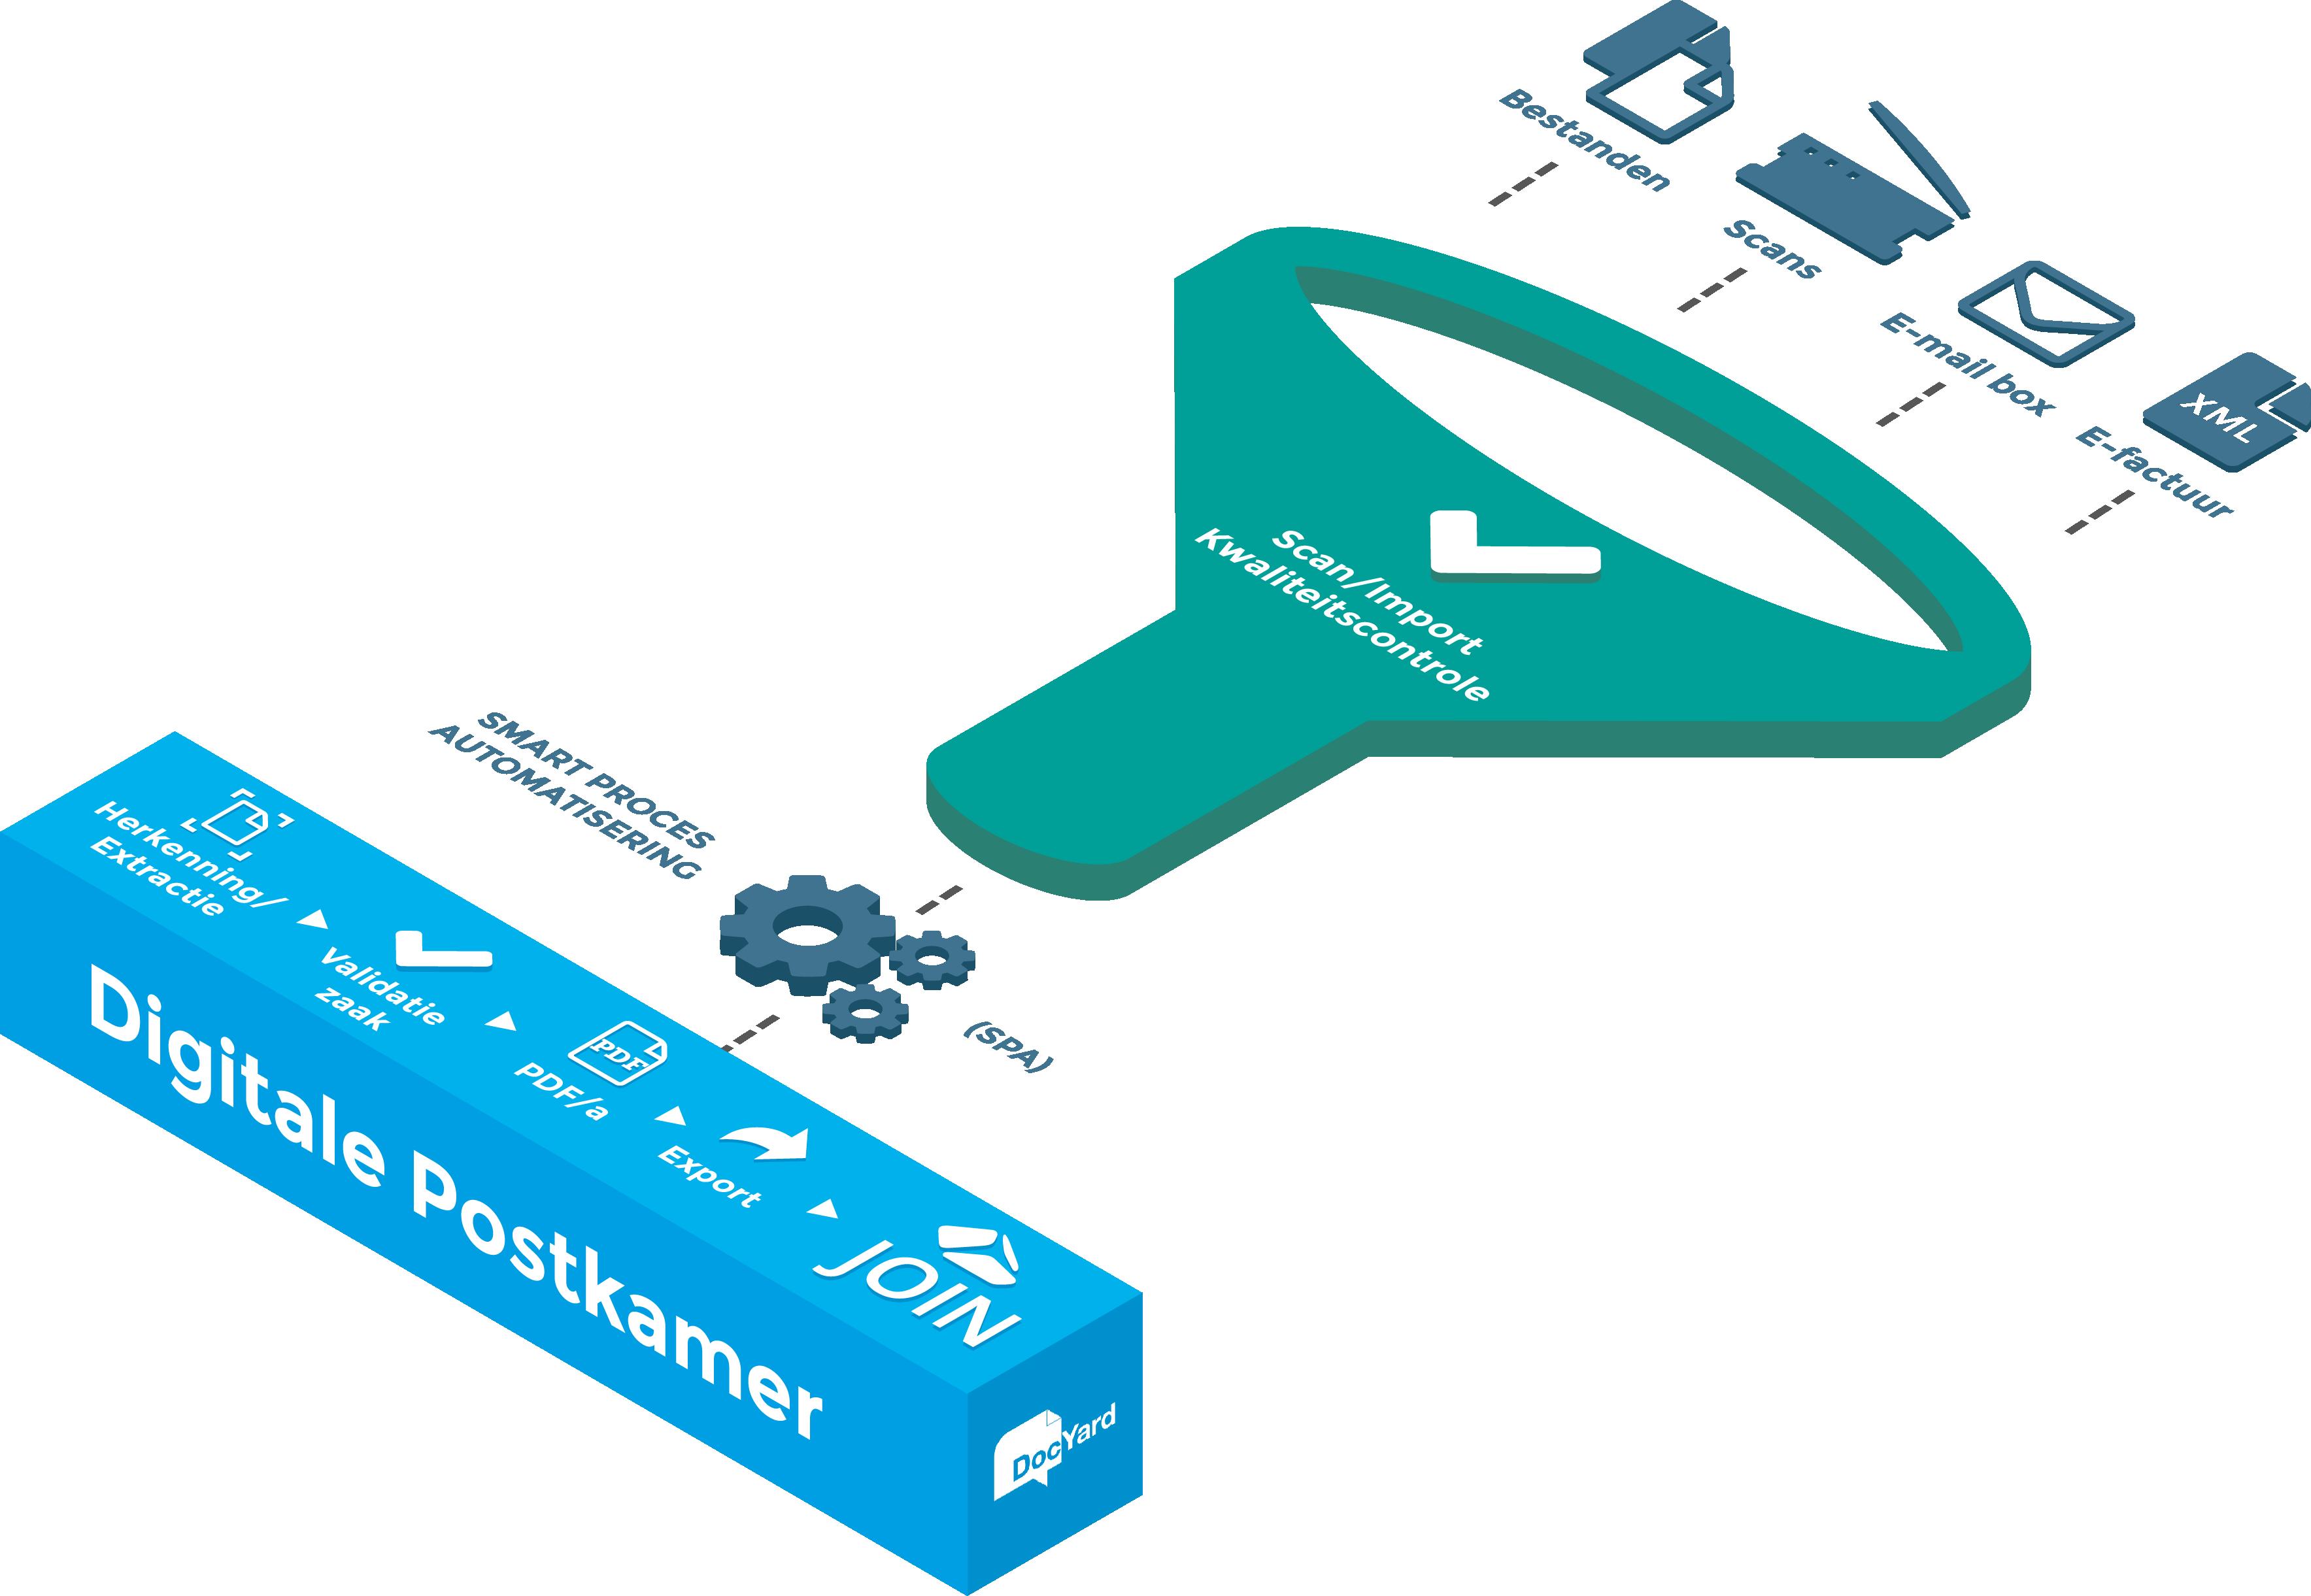 Digitale Postkamer - Koppeling DocYard.png